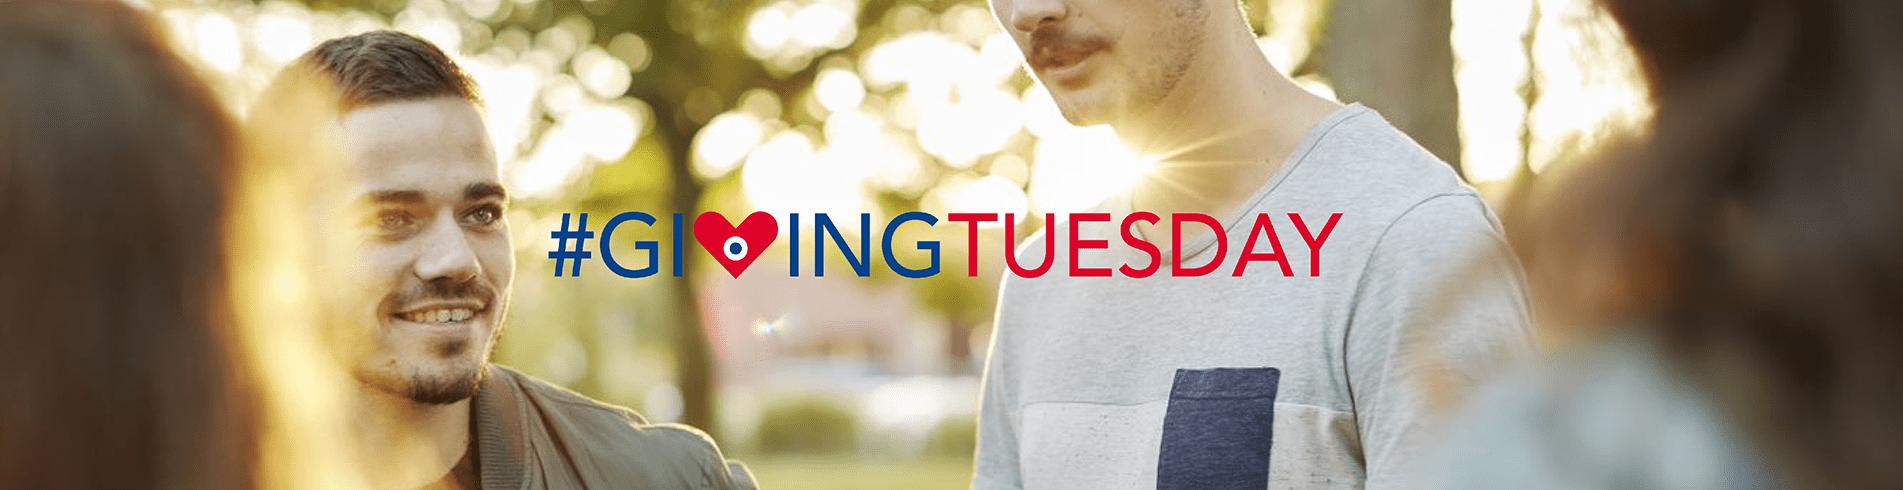 givingtuesday_fonds aide aux tudiants ESB